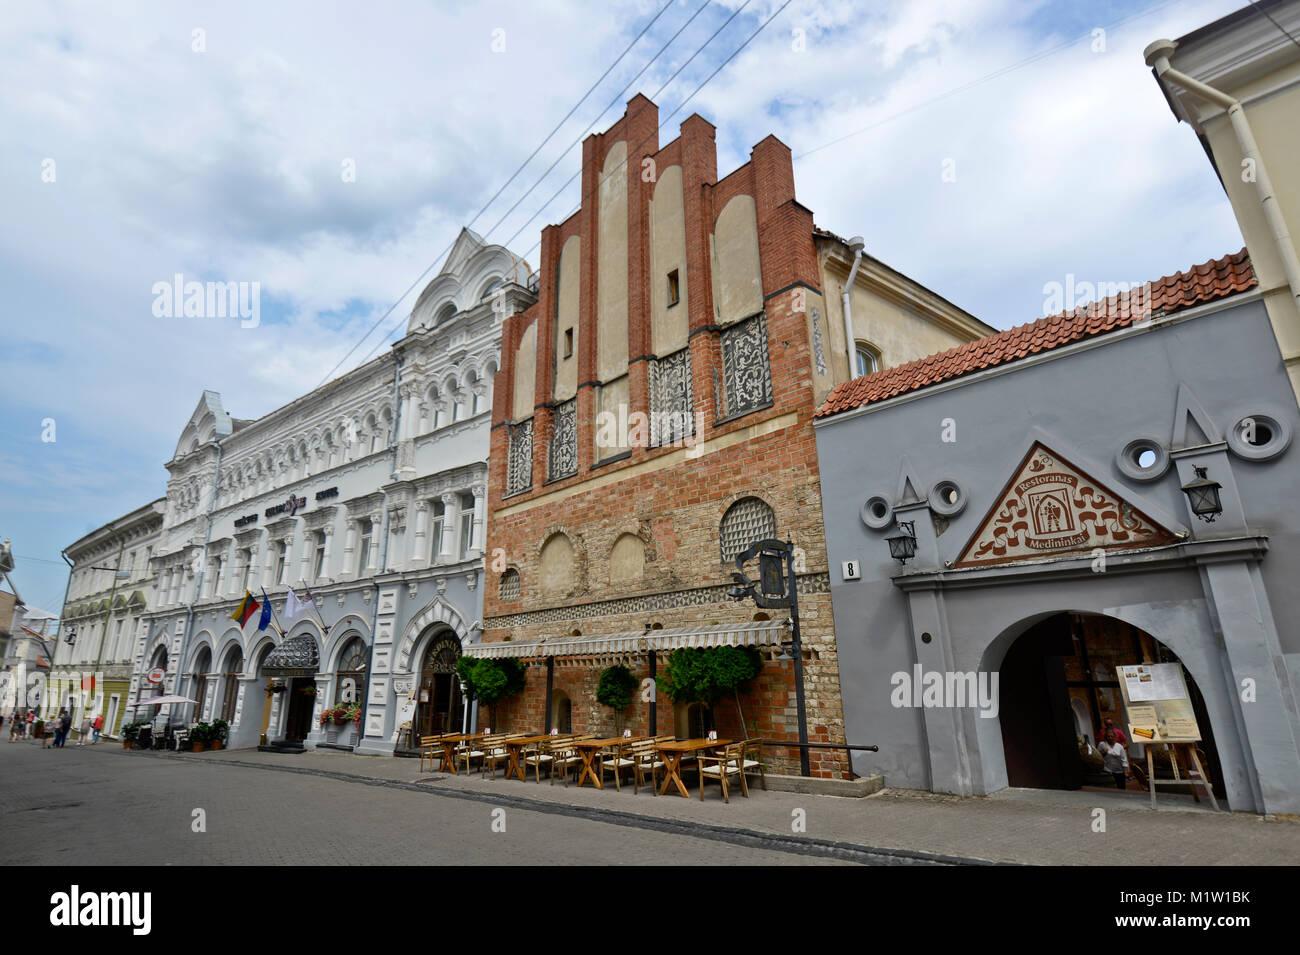 Aušros Vartų gatve: Restoranas Midininkai & Europa Royale Hotel -  Vilnius, Lithuania - Stock Image